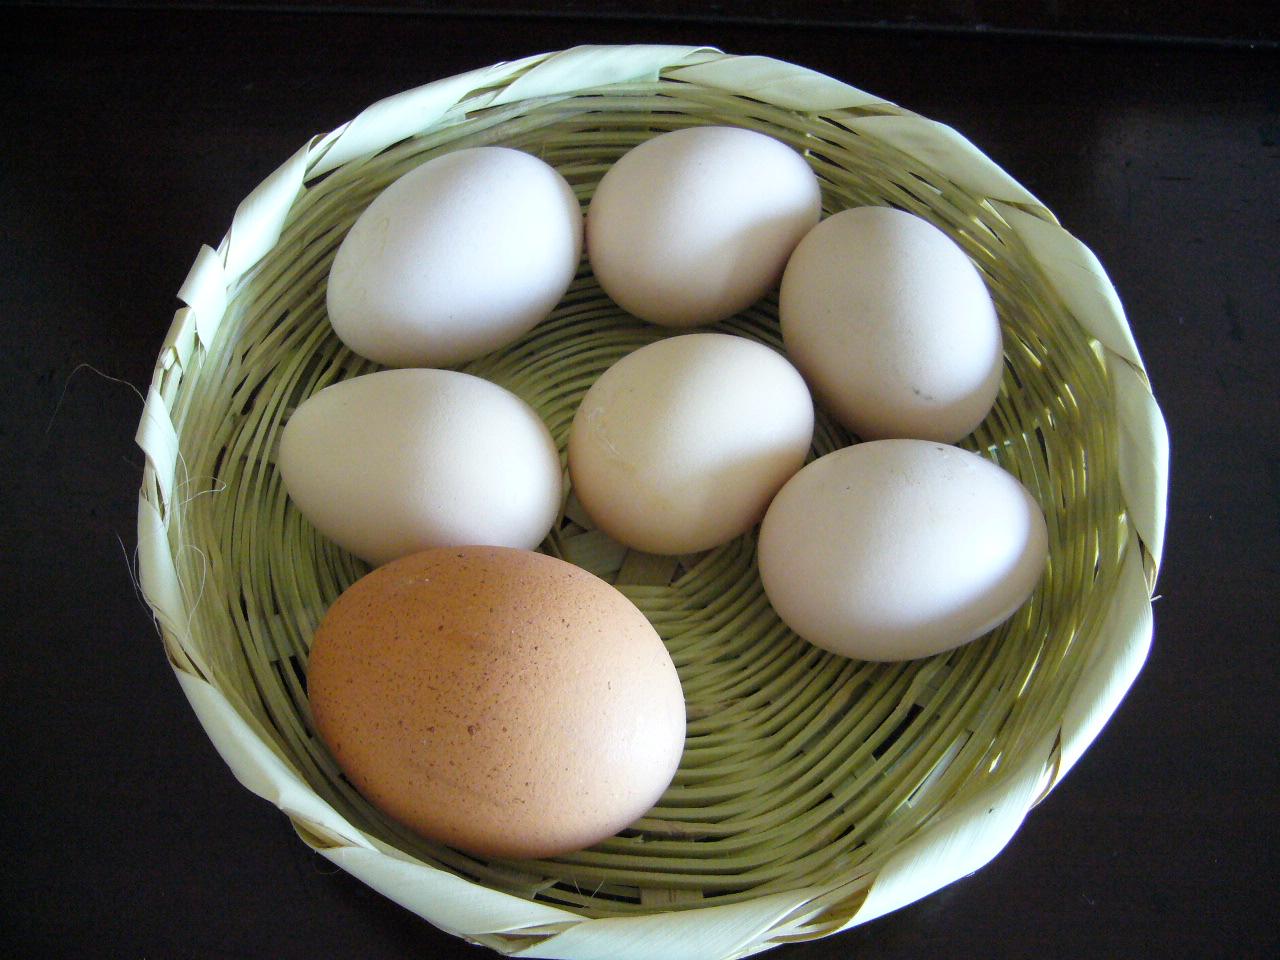 Dieta sin gluten: alimentos para corregir deficiencias